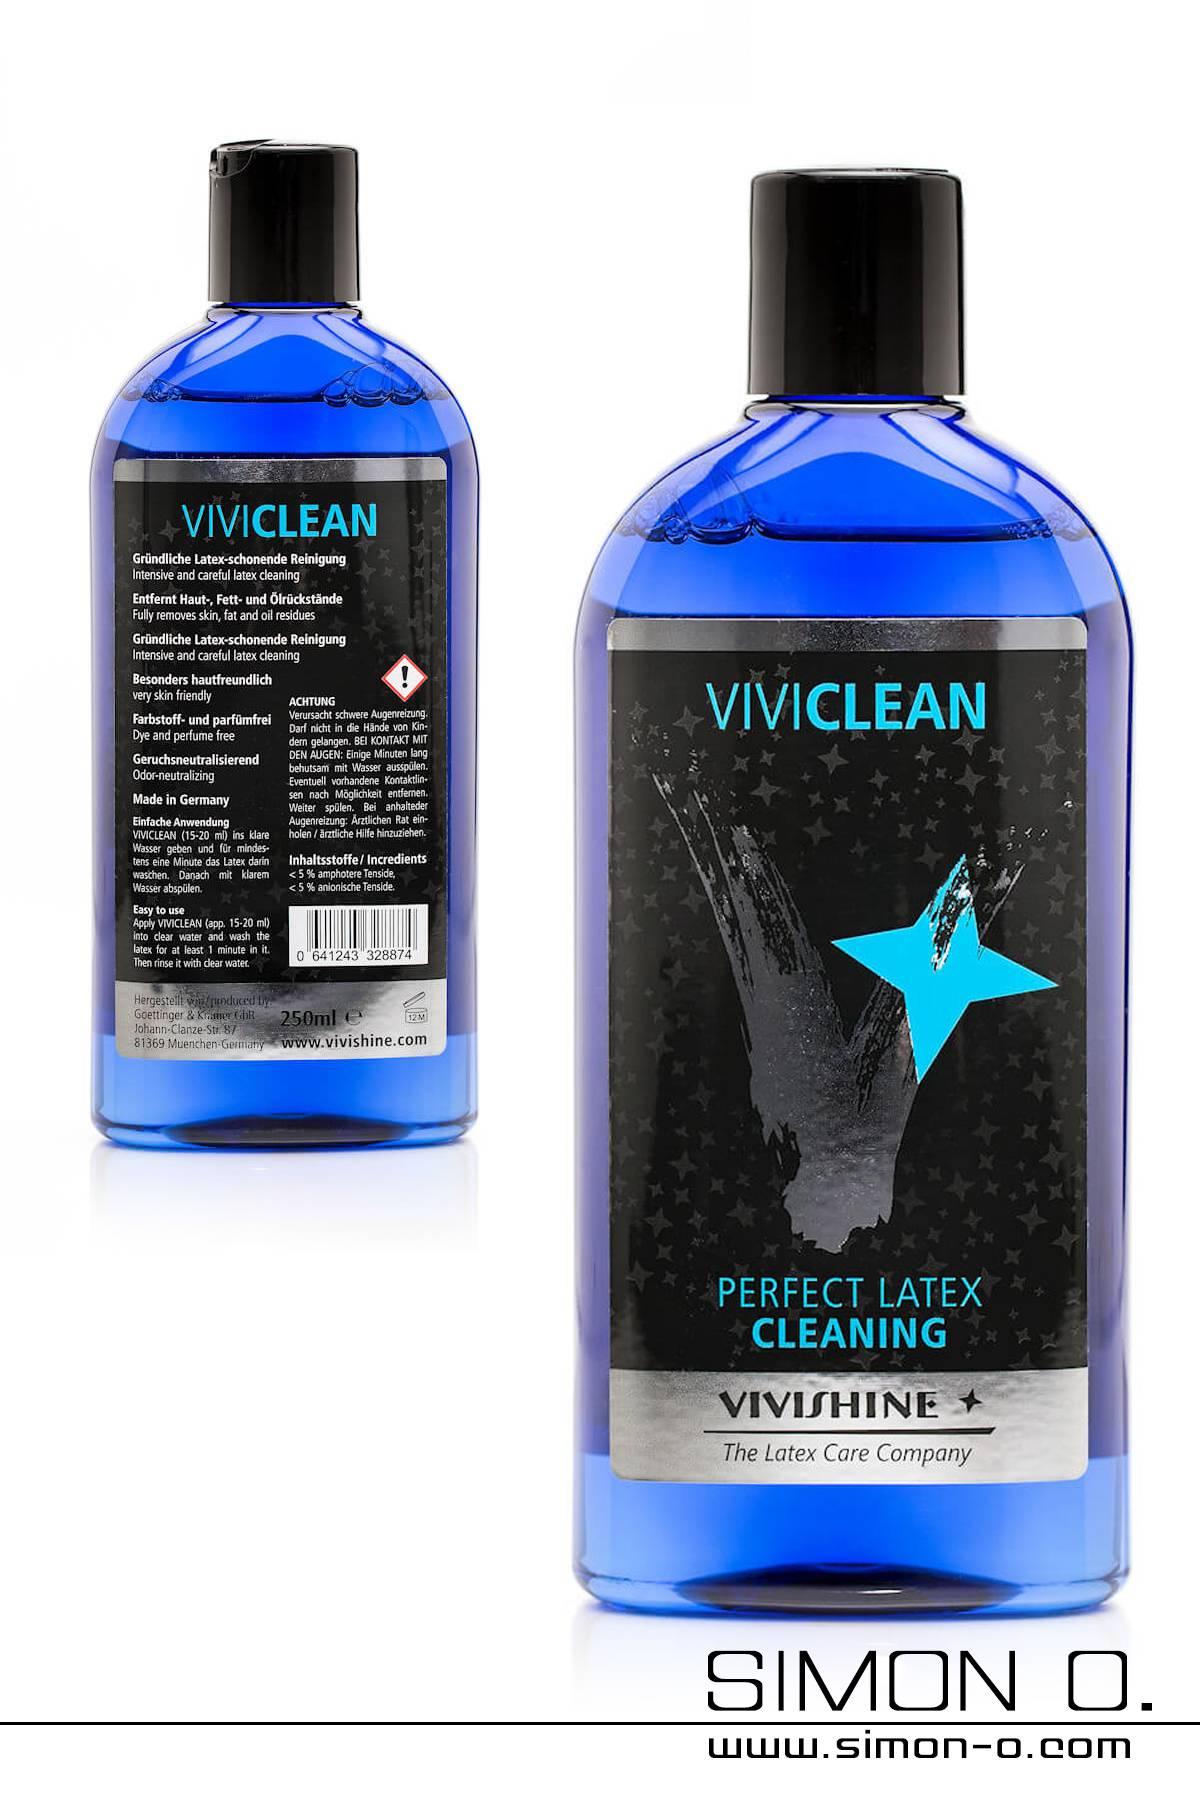 Waschlotion für Latex- und Gummikleidung mit desinfizierender und antibakterieller Wirkung. Gründliche Latexschonende Reinigung bei bester …